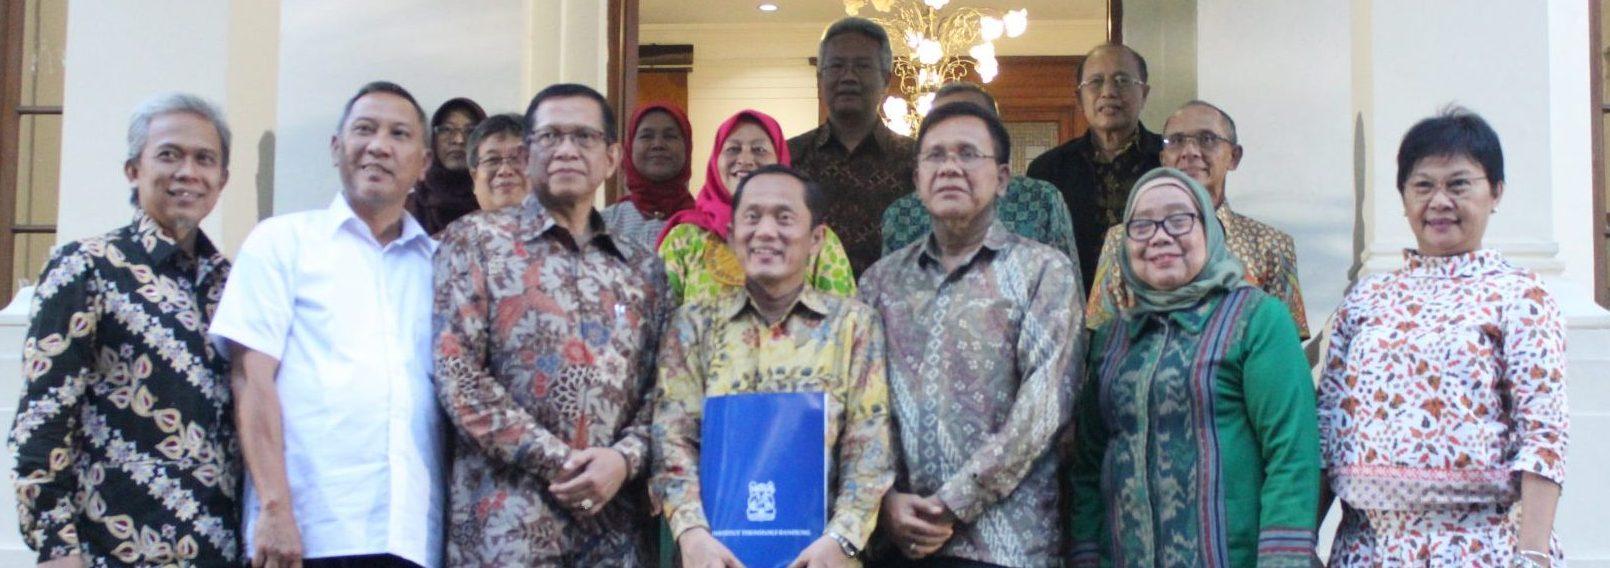 Institut Teknologi Bandung Terakreditasi A sampai 2022